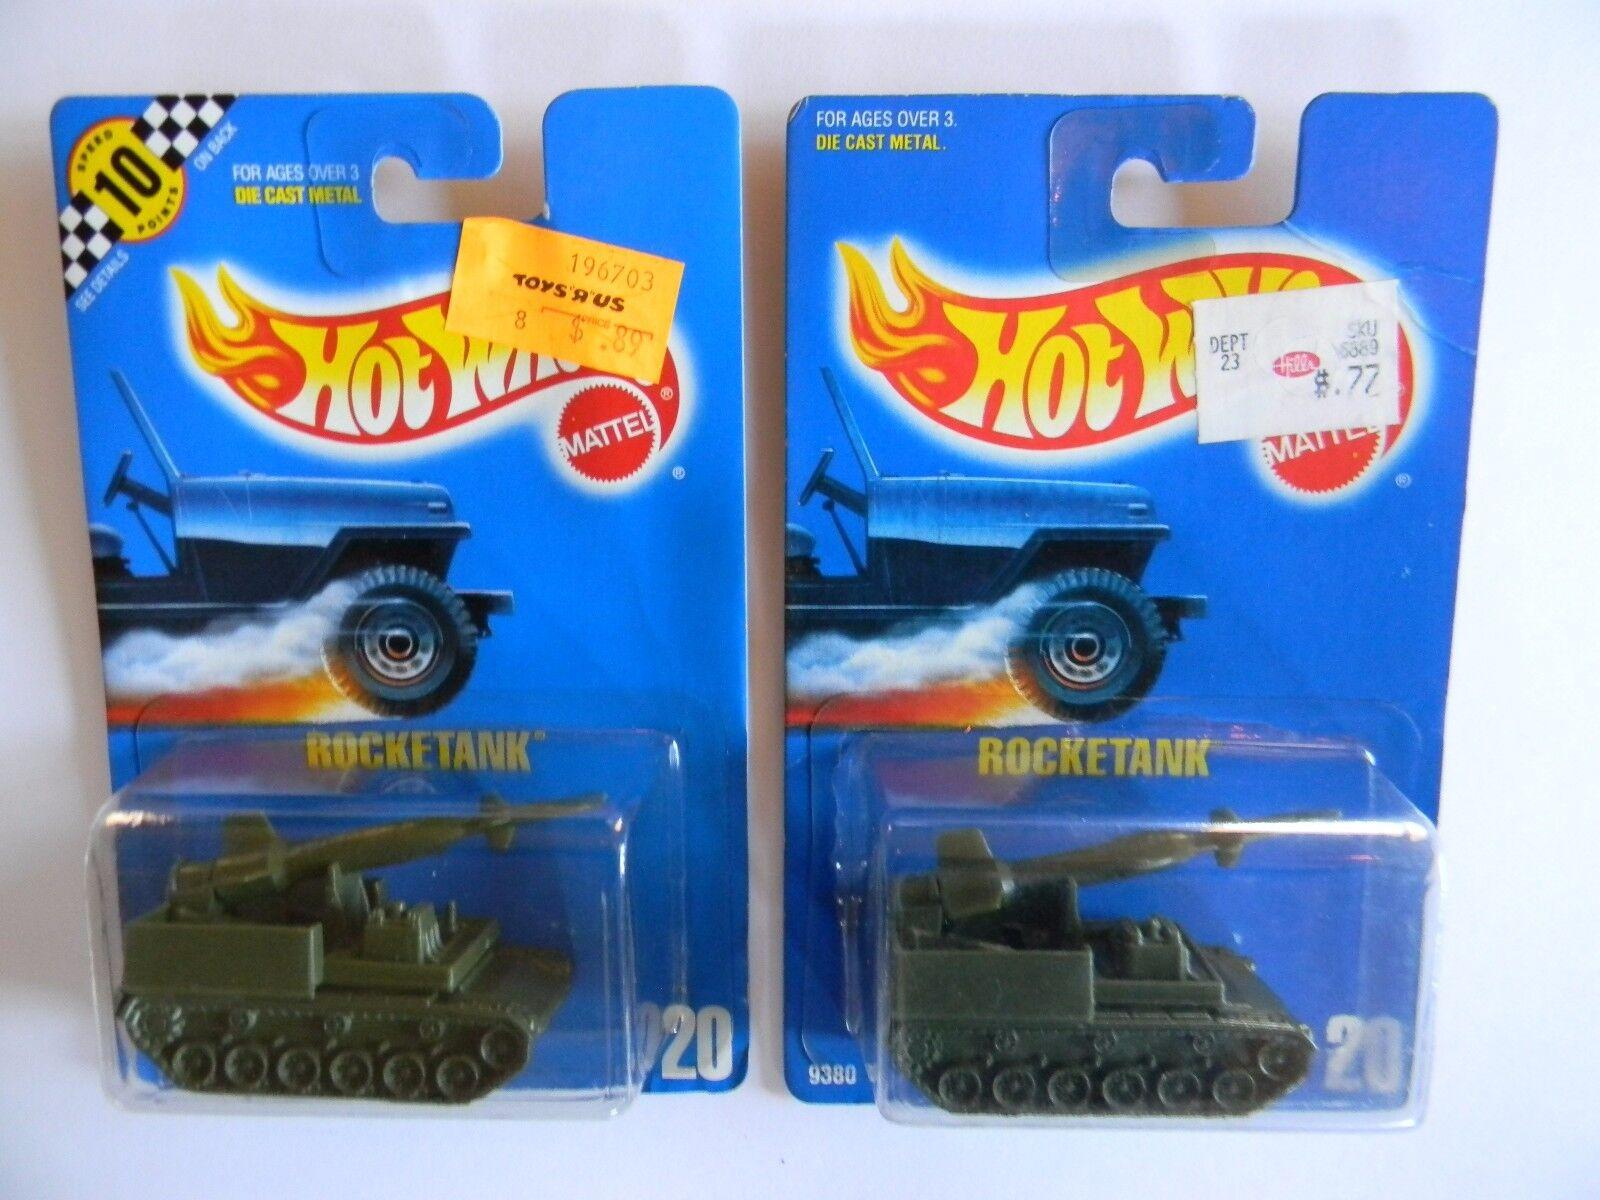 Par-RARE-Tanque de cohetes-Tarjeta Azul  20 - hot Wheels-Original-Muy difícil de encontrar variaciones